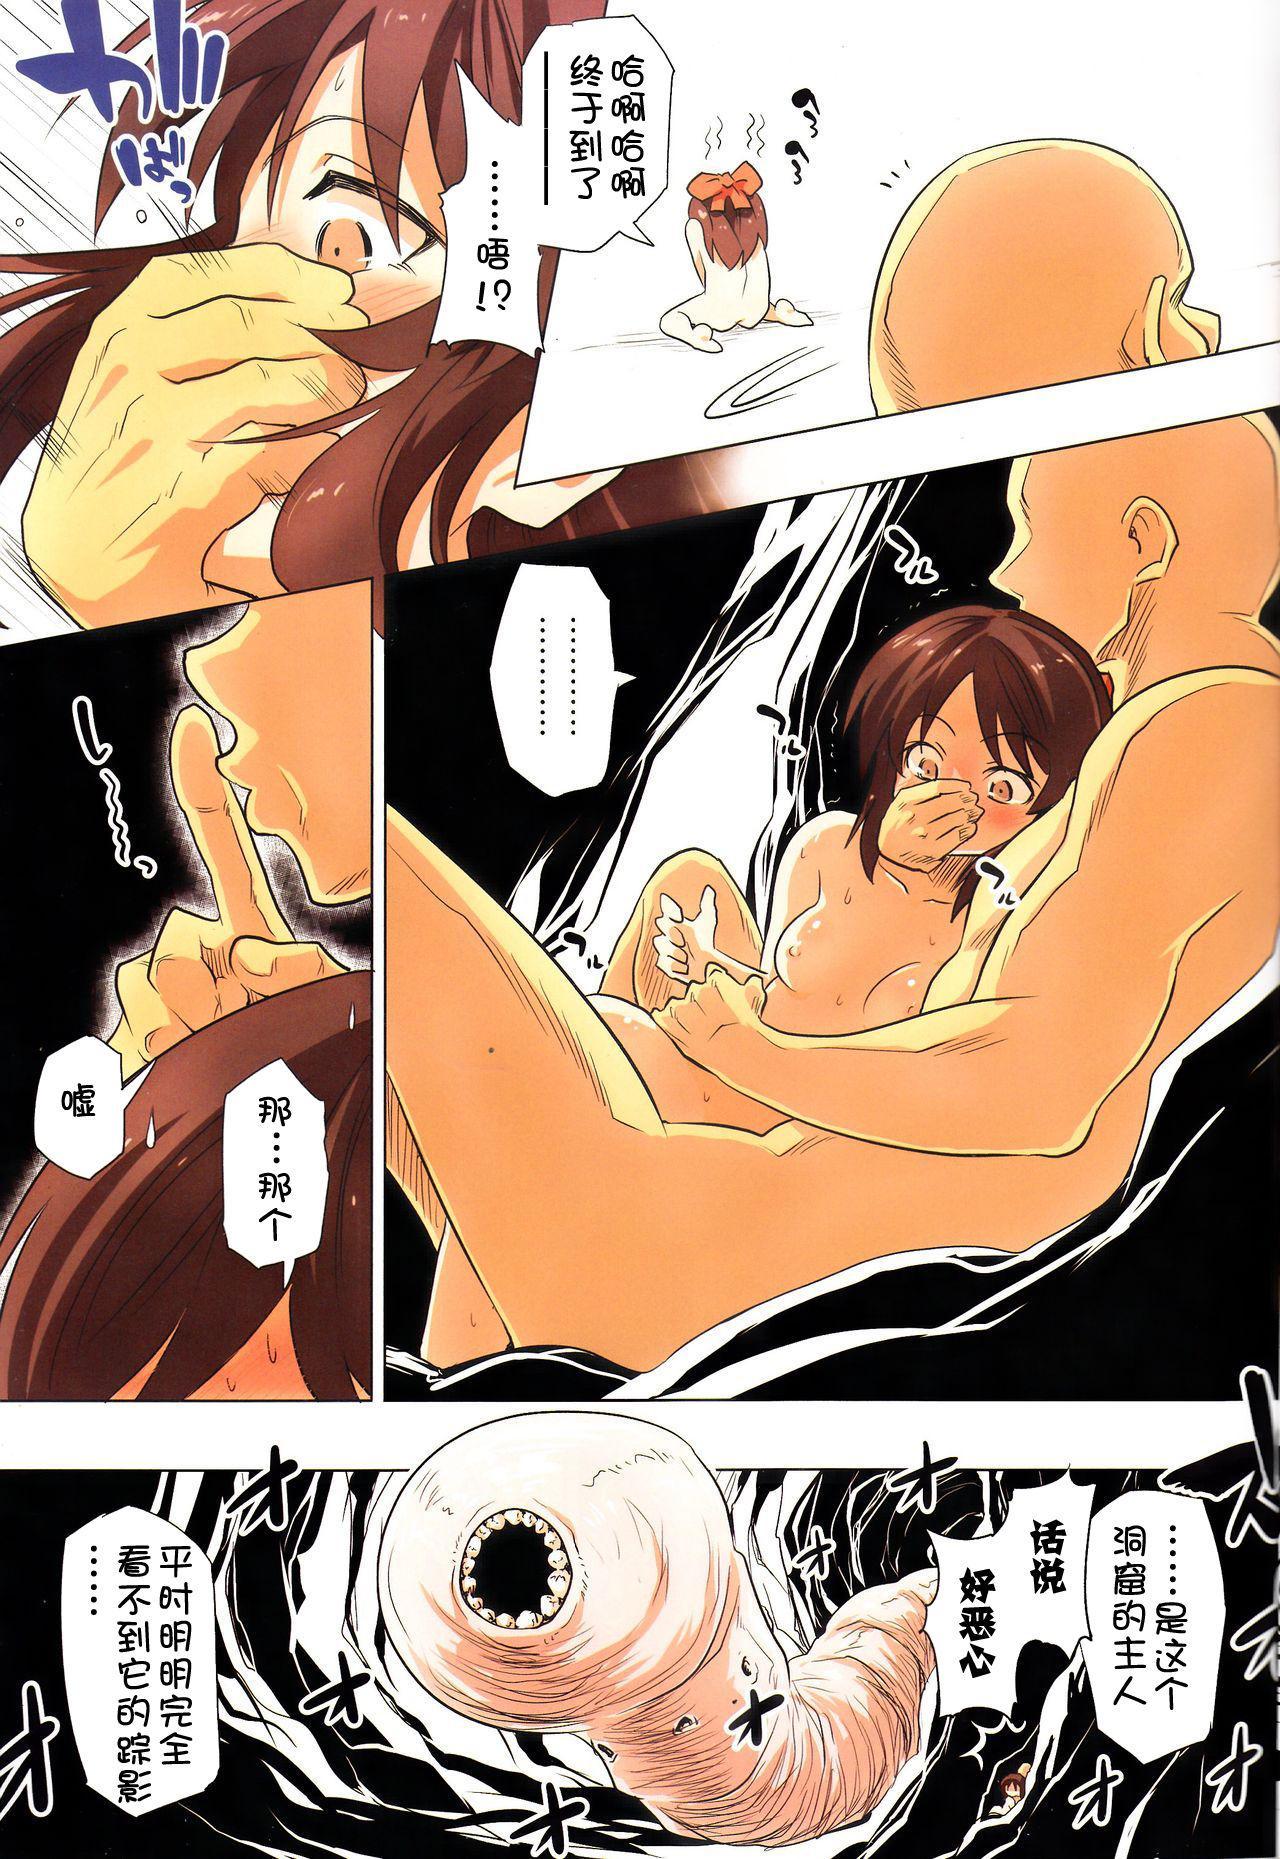 Jibun no Mihitotsu de Isekai ni Teni shita Onnanoko no Hanashi 19